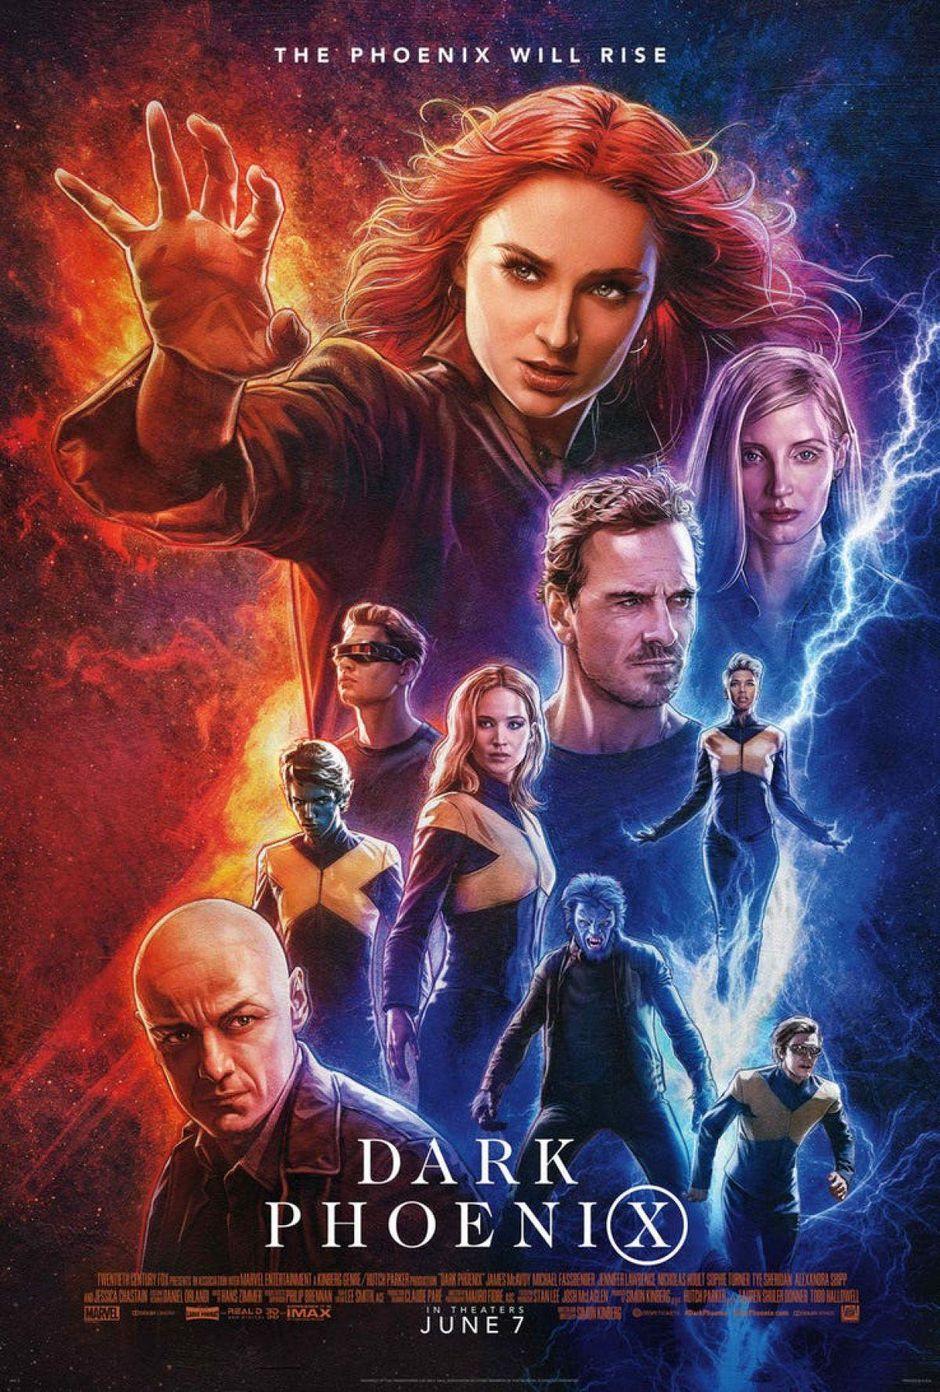 x-men-dark-phoenix-new-poster-1200-1777-81-s.jpg